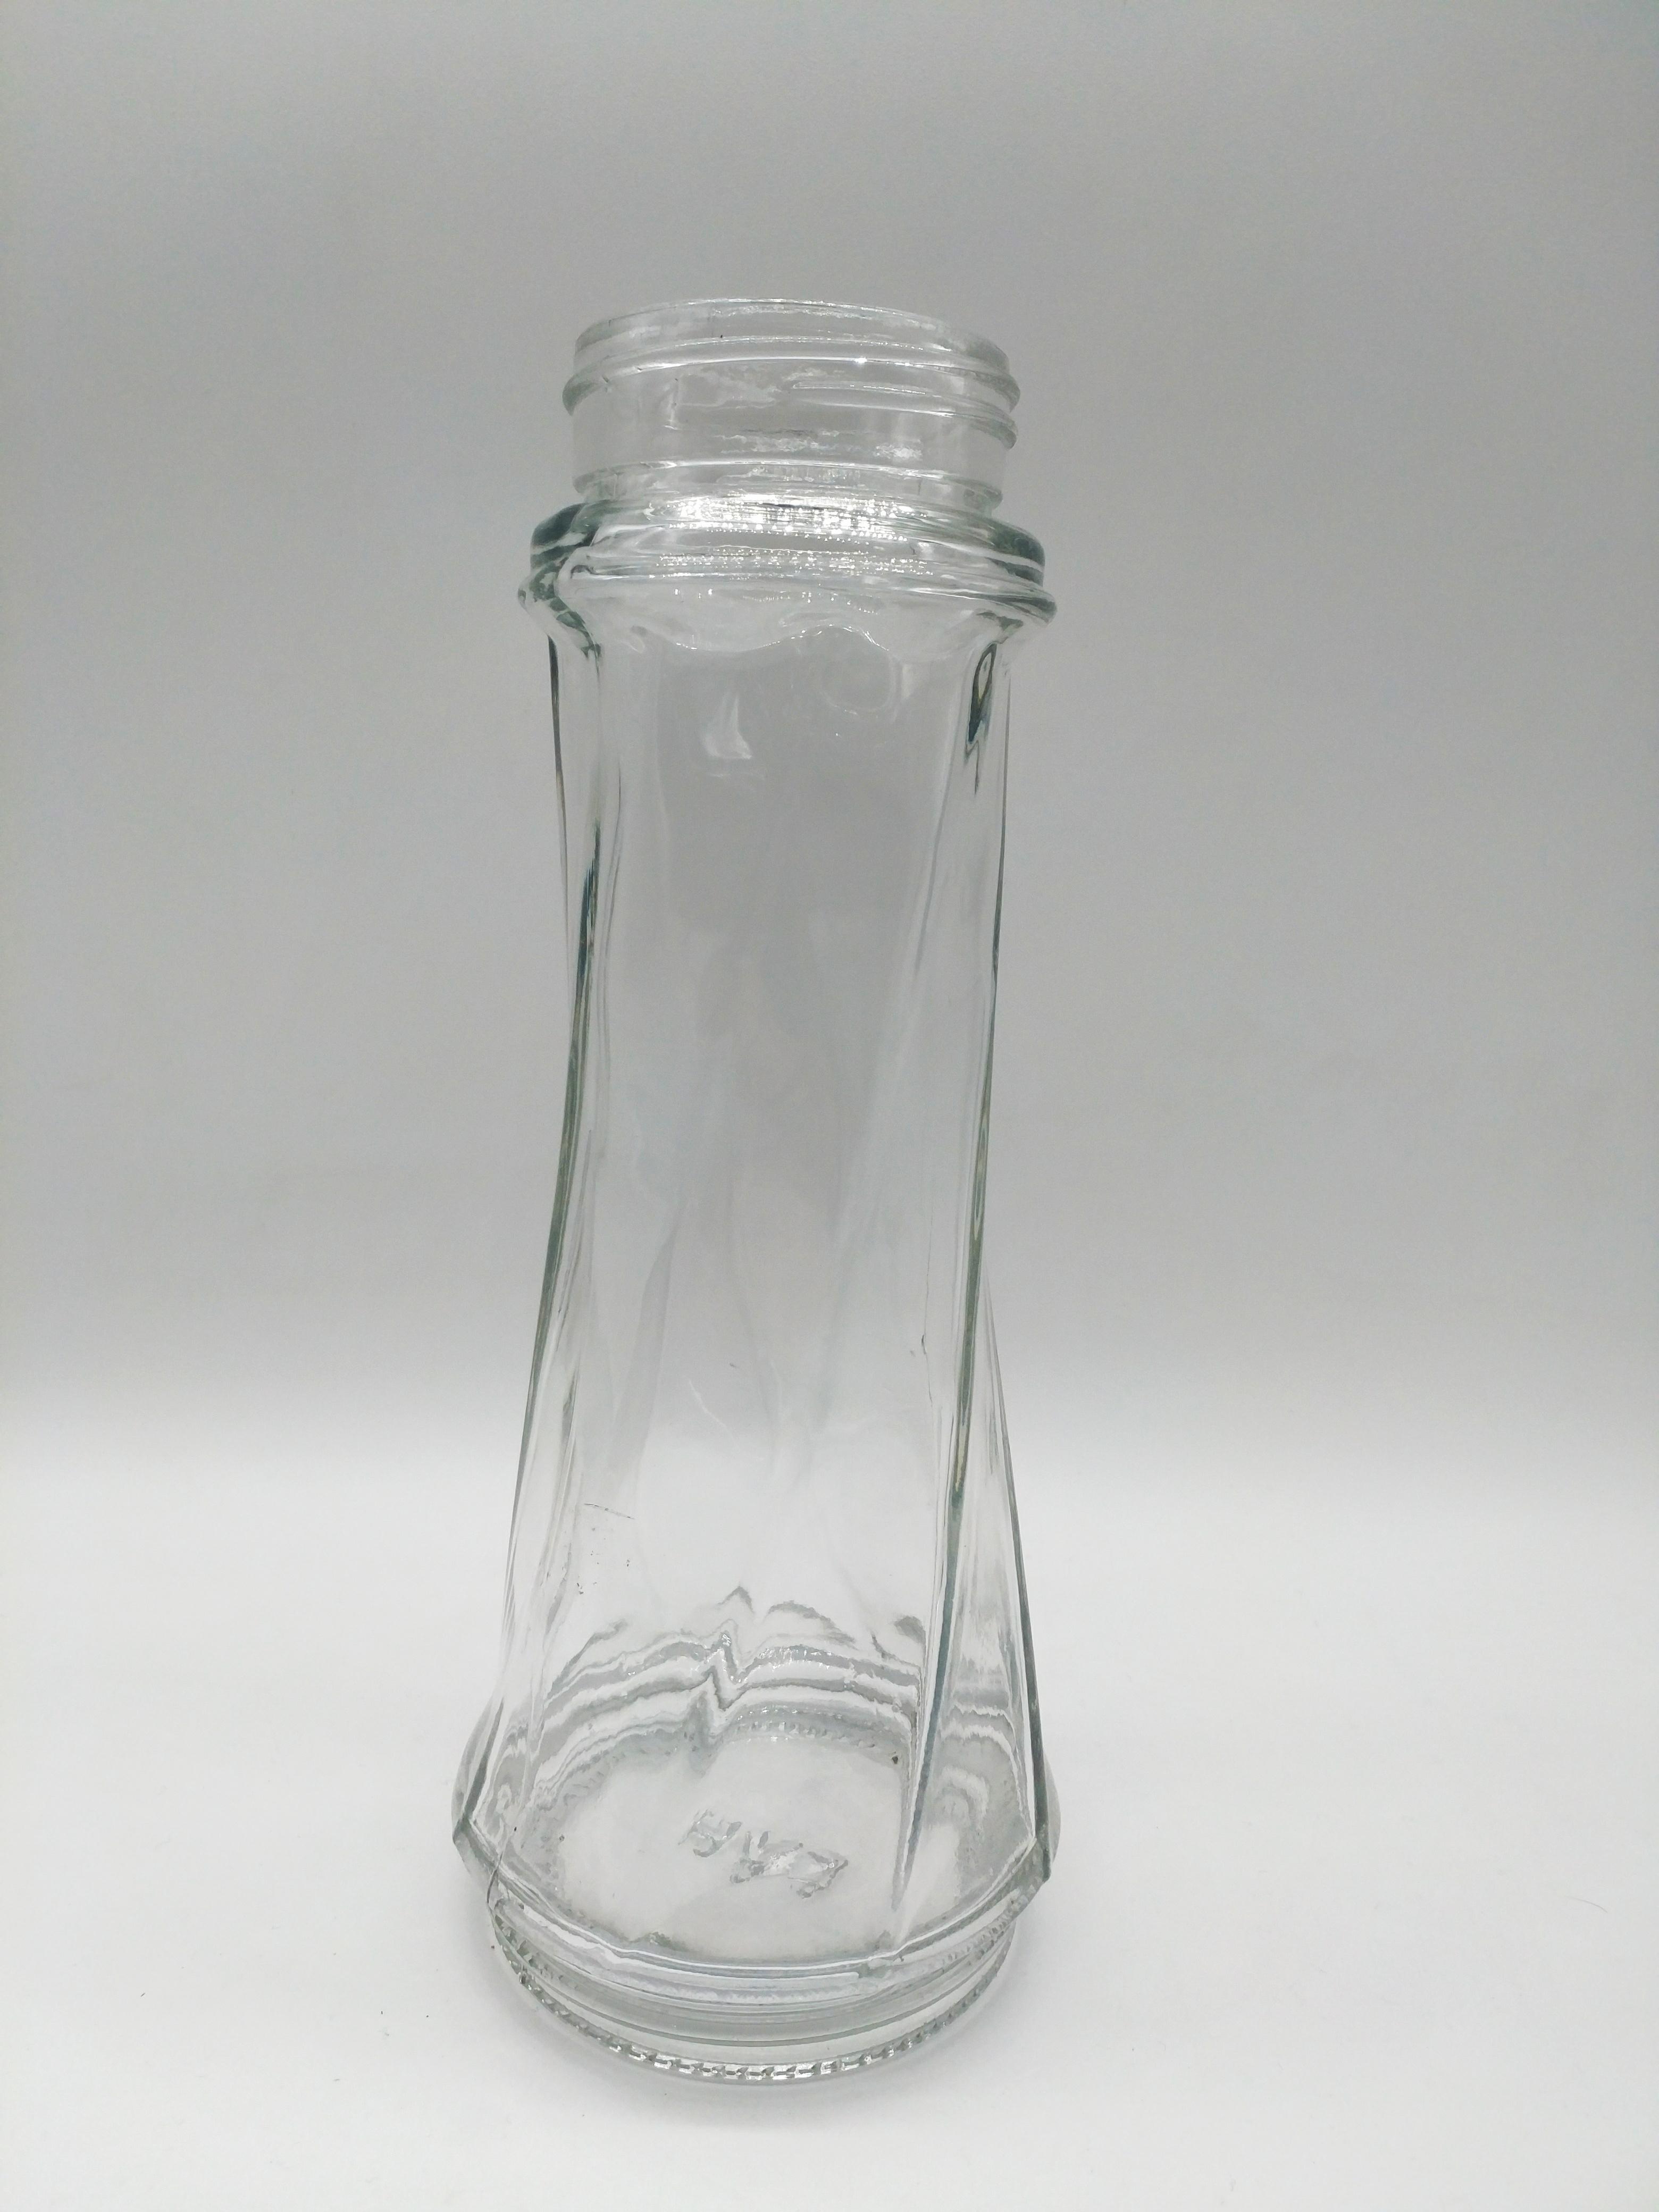 內蓋夫沙漠玻璃廠是世界上最大的玻璃瓶制作工廠